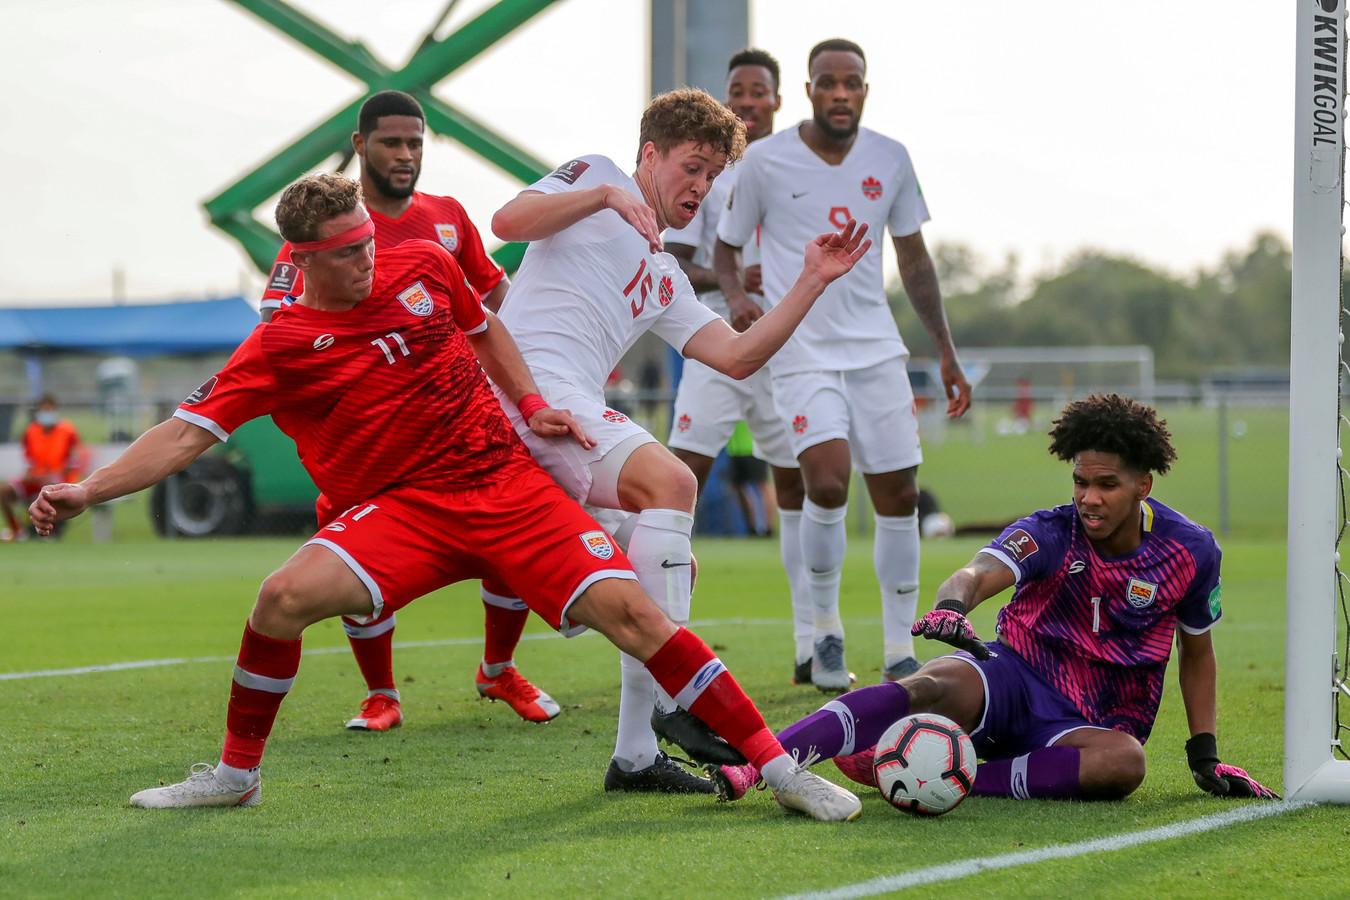 Frank Sturing - in het wit, nummer 15 - maakt het de verdedigers en keeper van de Cayman Eilanden lastig.